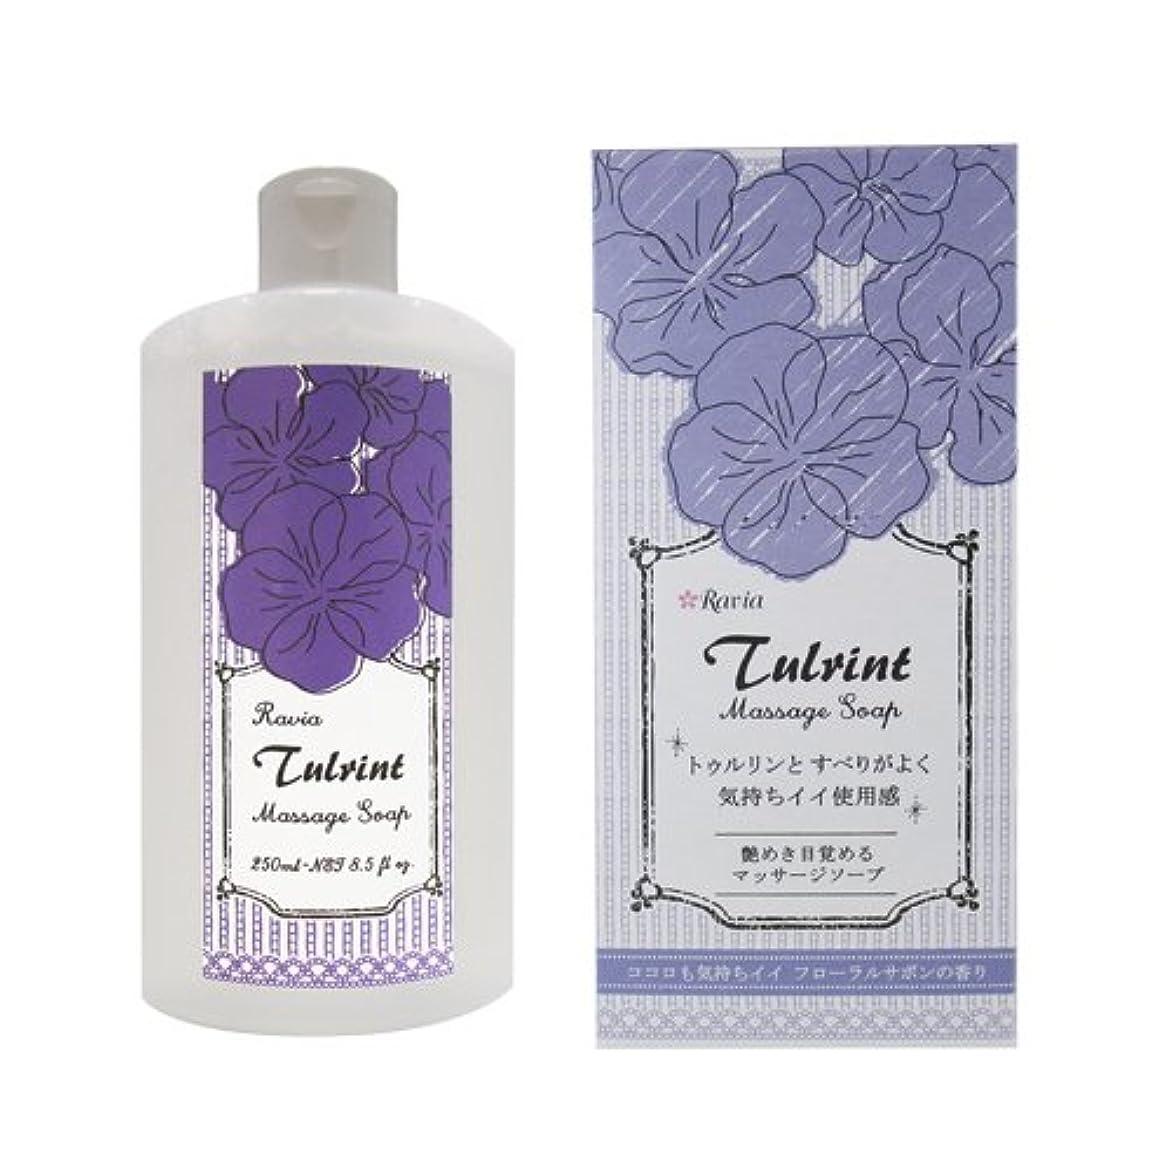 オッズ優雅所有権【マッサージソープ】ラヴィア(Ravia) トゥルリント マッサージソープ(Tulrint Massage soap) 250ml フローラルサボンの香り